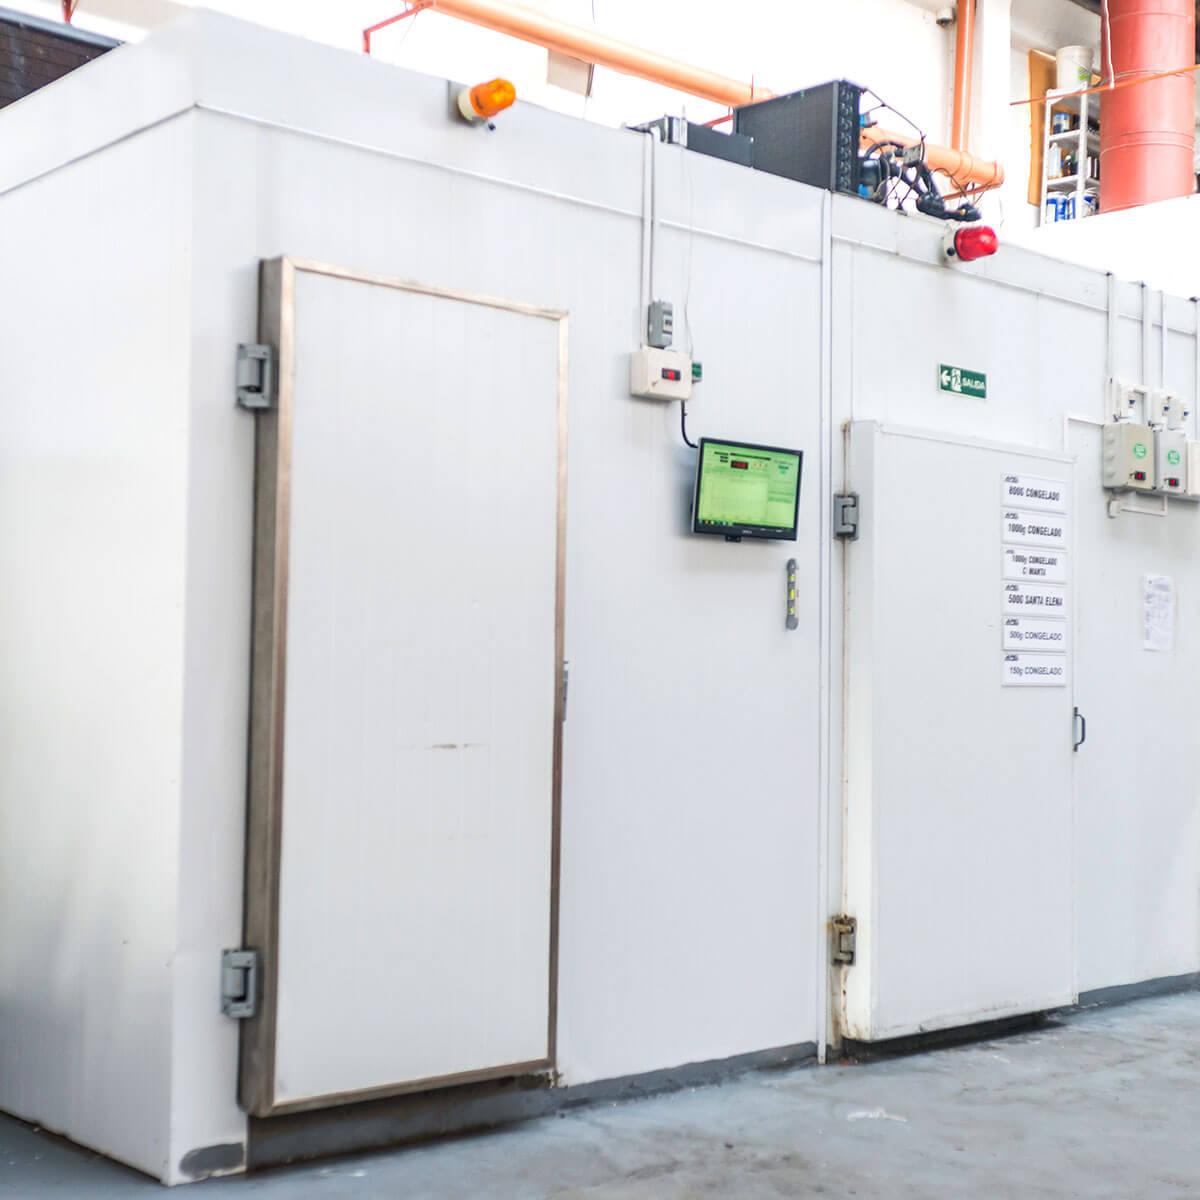 Diseño y calificación de configuración para el transporte de productos de cadena de frío